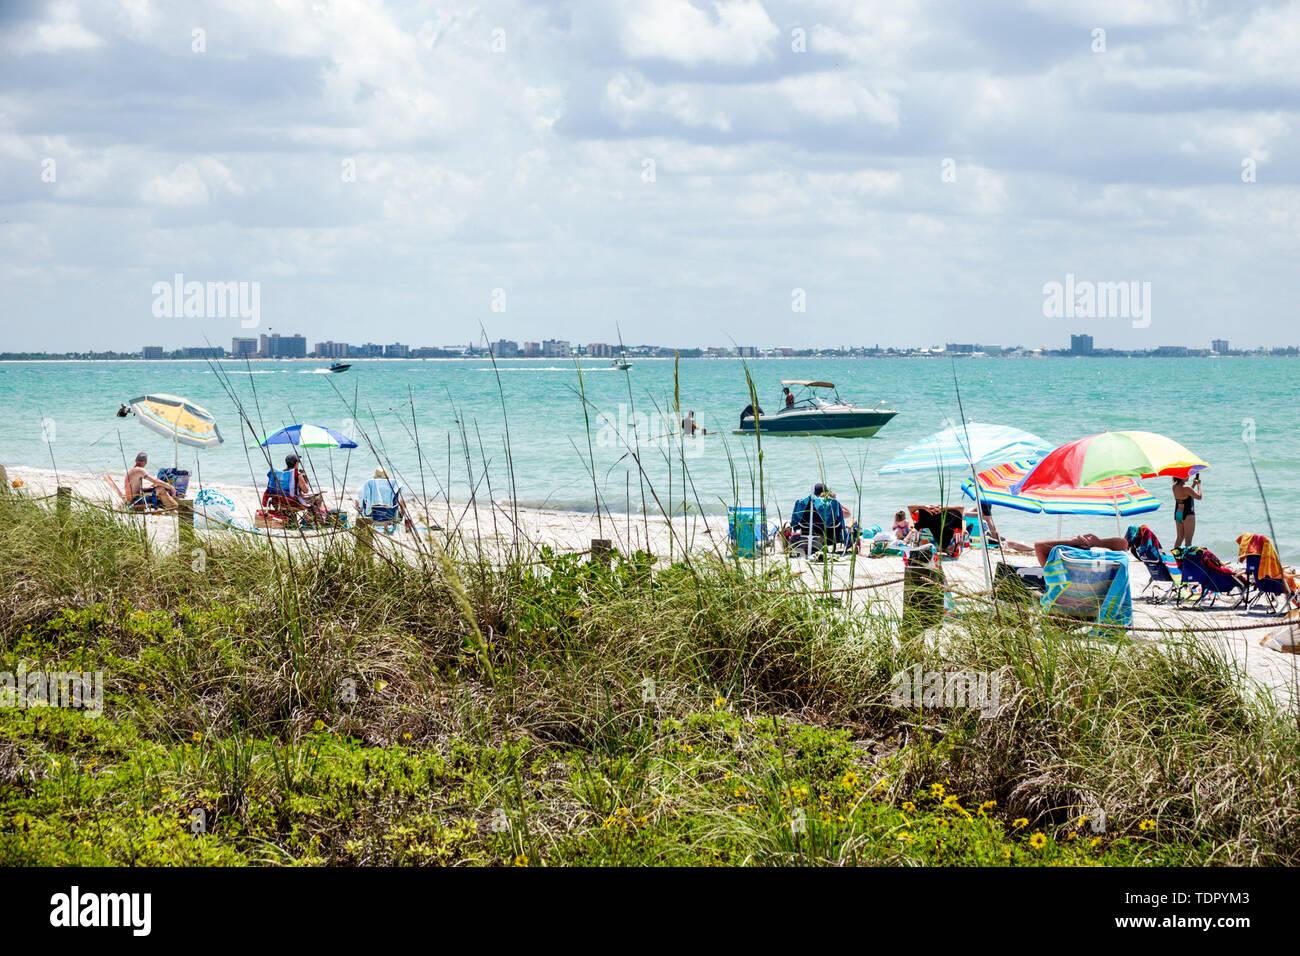 Florida, Isla Sanibel, Costa del Golfo de México, arena blanca, playa, agua, costa, sombrillas, adultos hombre hombres hombres hombres, mujer mujer mujer mujer dama, murciélago Foto de stock